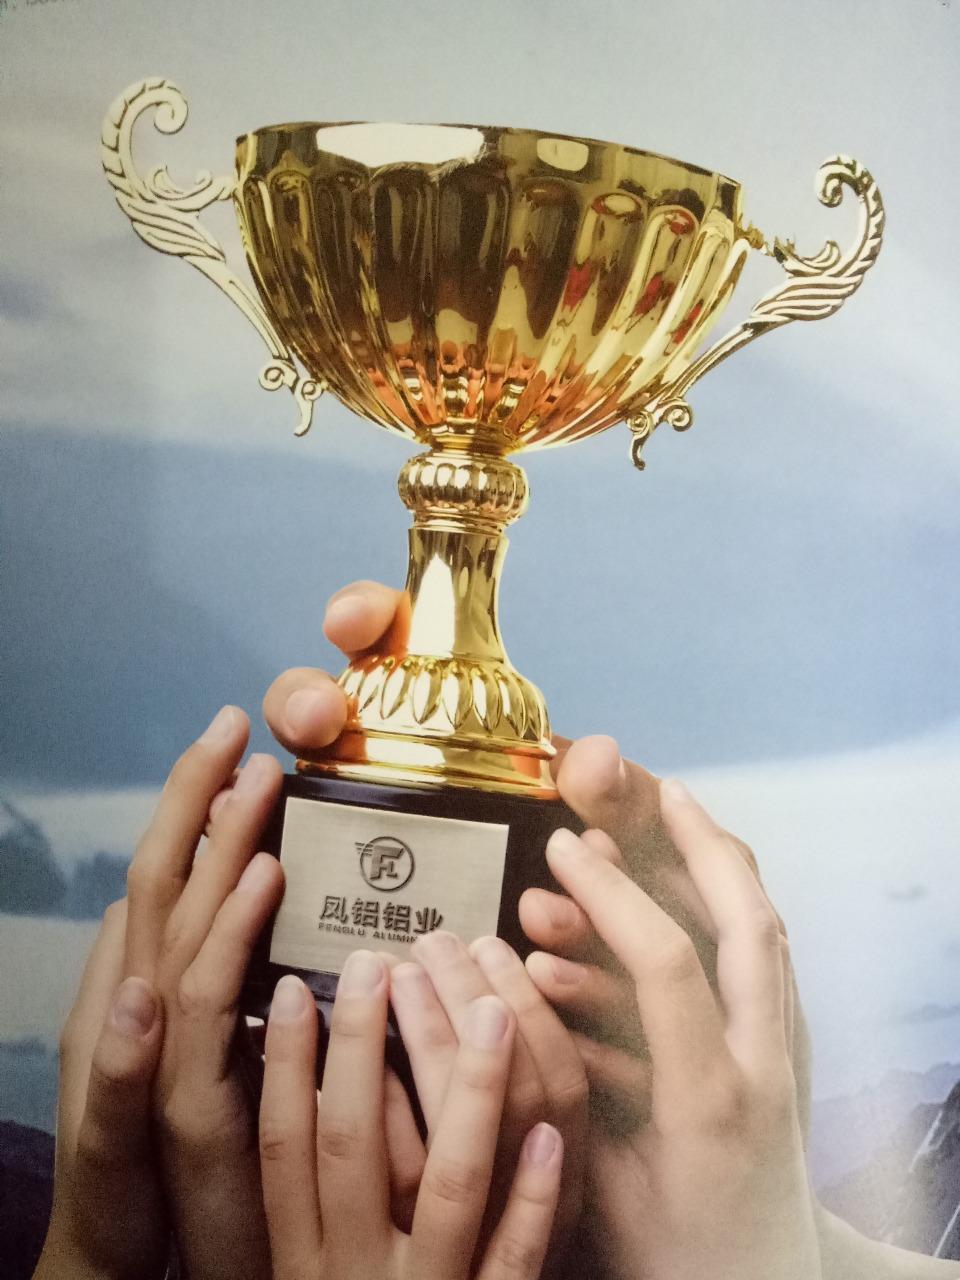 广东凤铝铝业有限公司 最新采购和商业信息